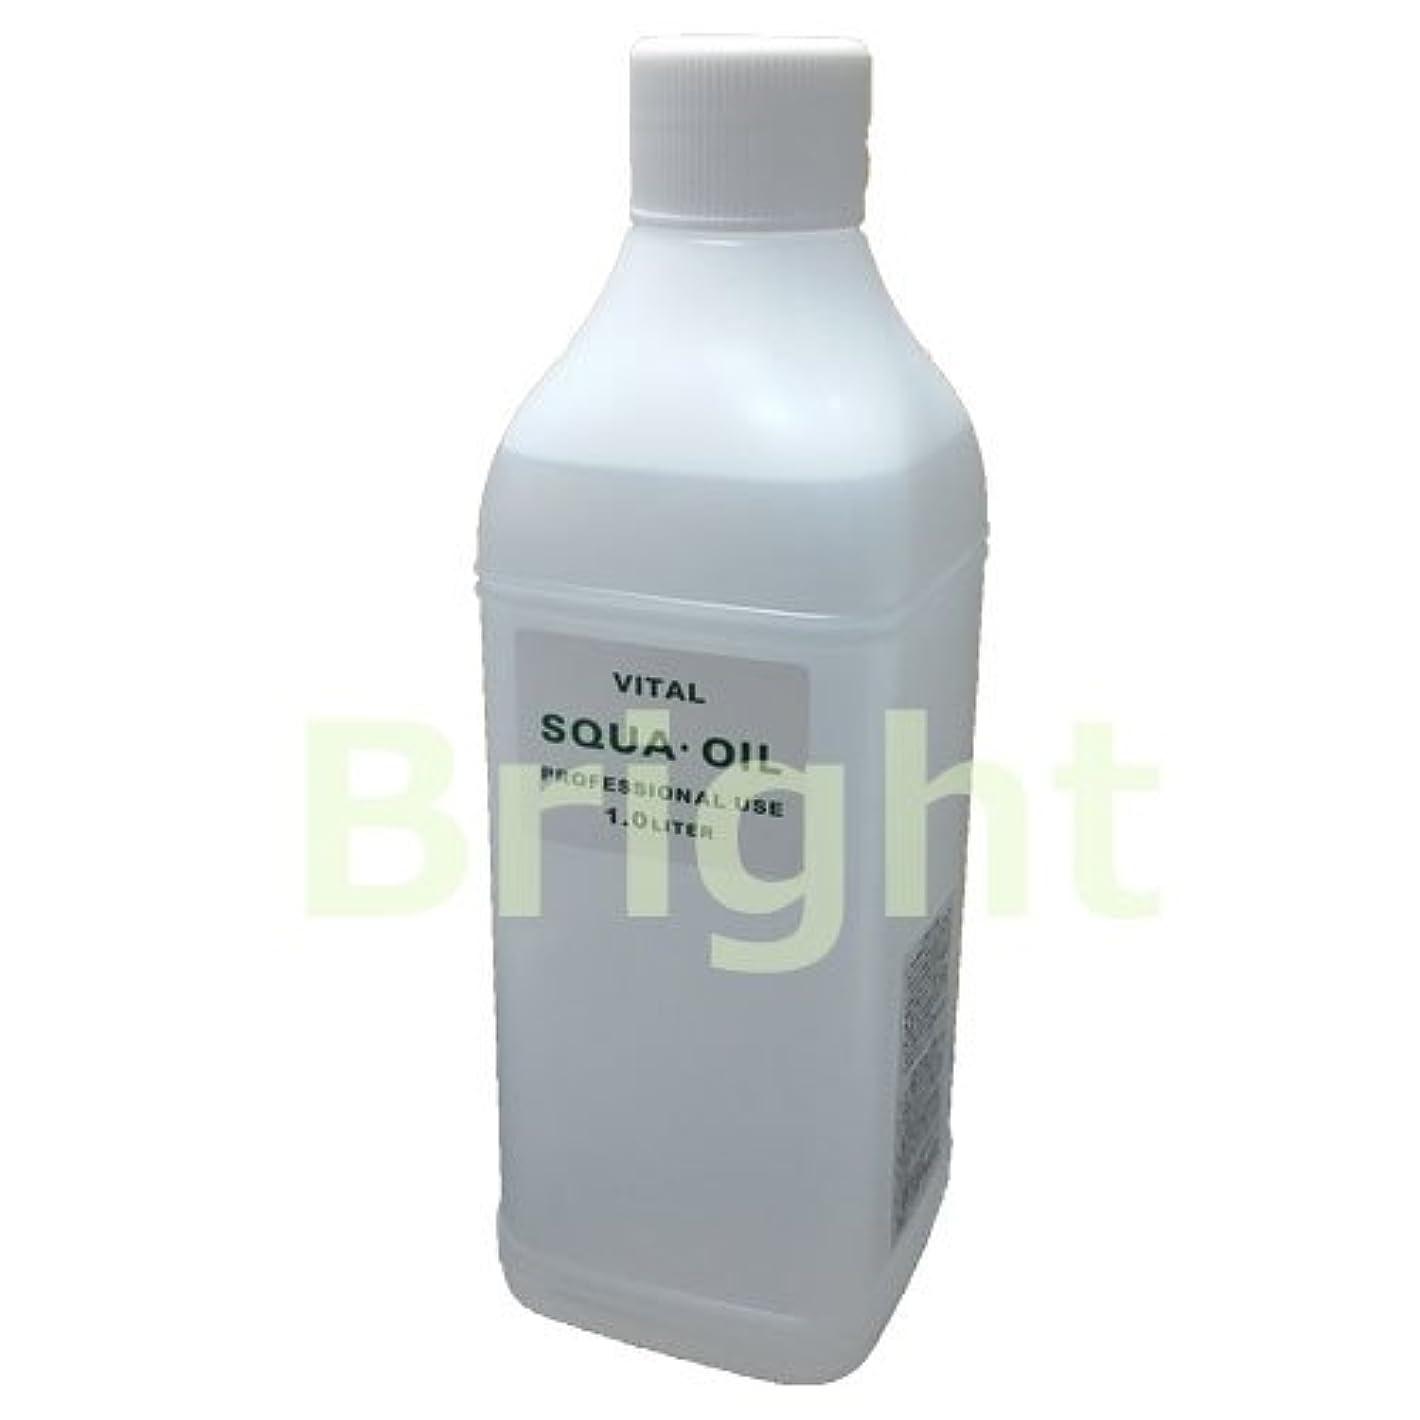 バイタルワークス スクアオイル 1000cc (マッサージ用化粧油) ジャパンバイタル